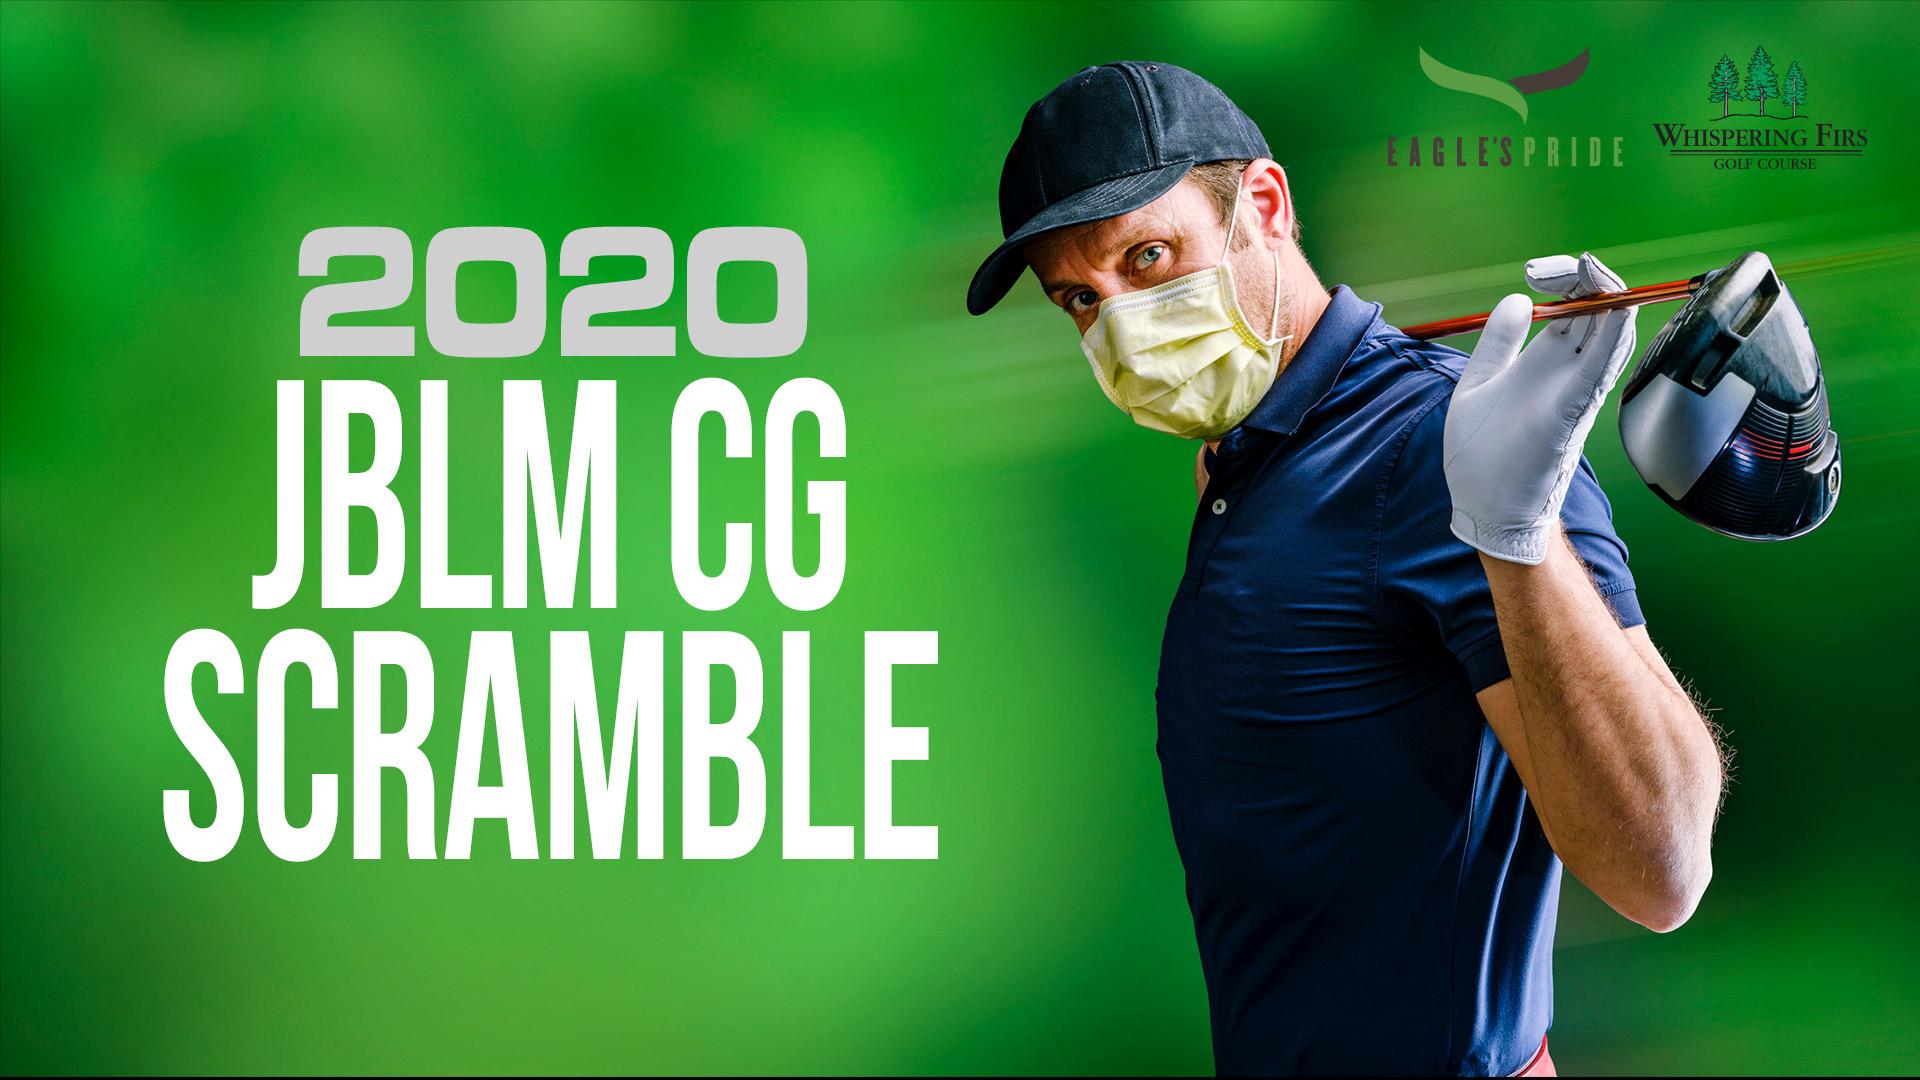 JBLM CG Scramble